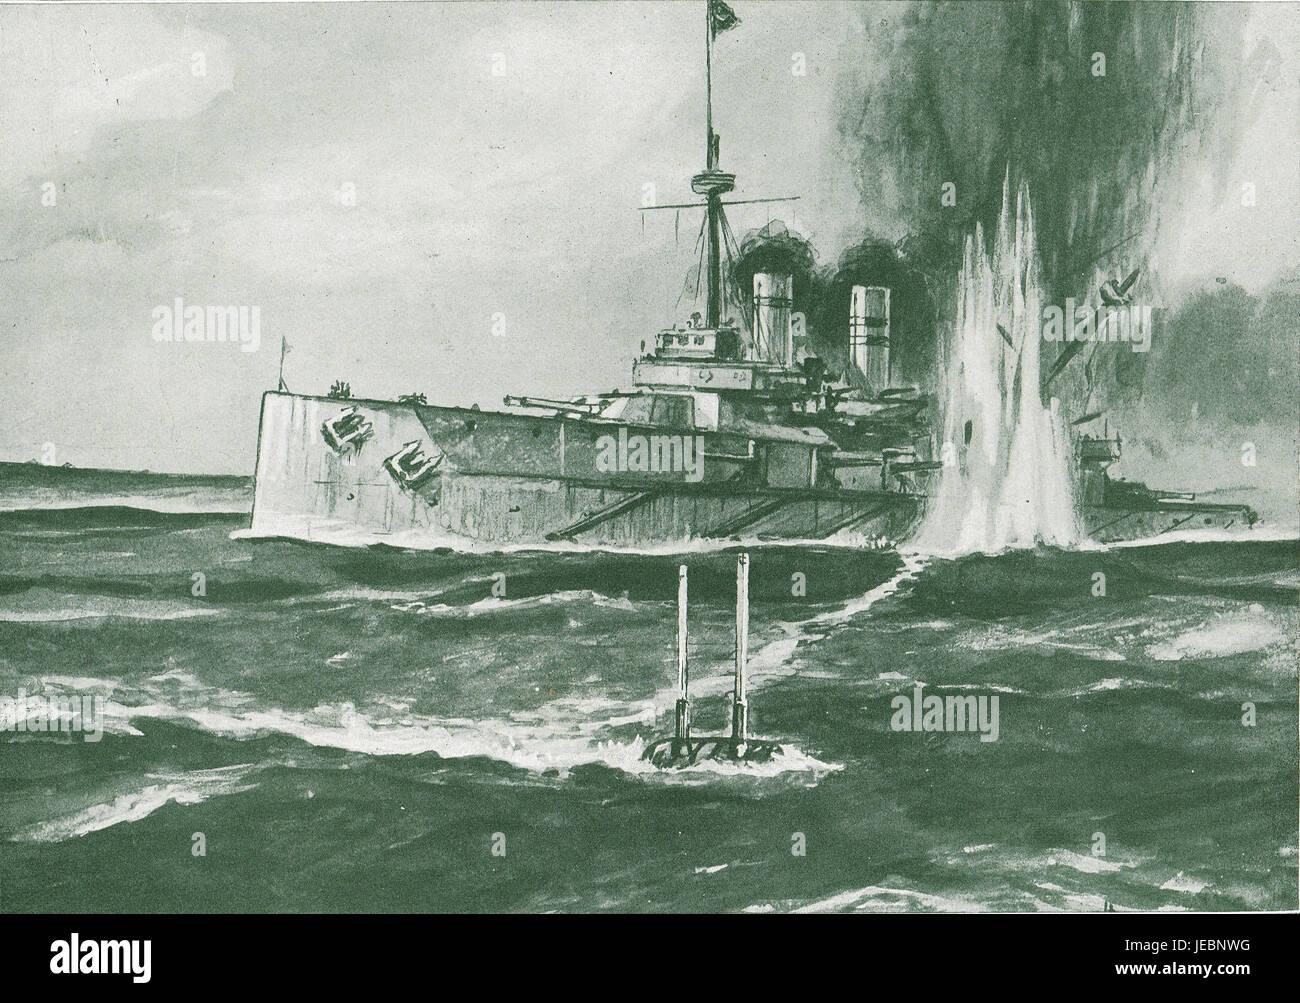 Turkish Ship sunk by British Submarine - Stock Image